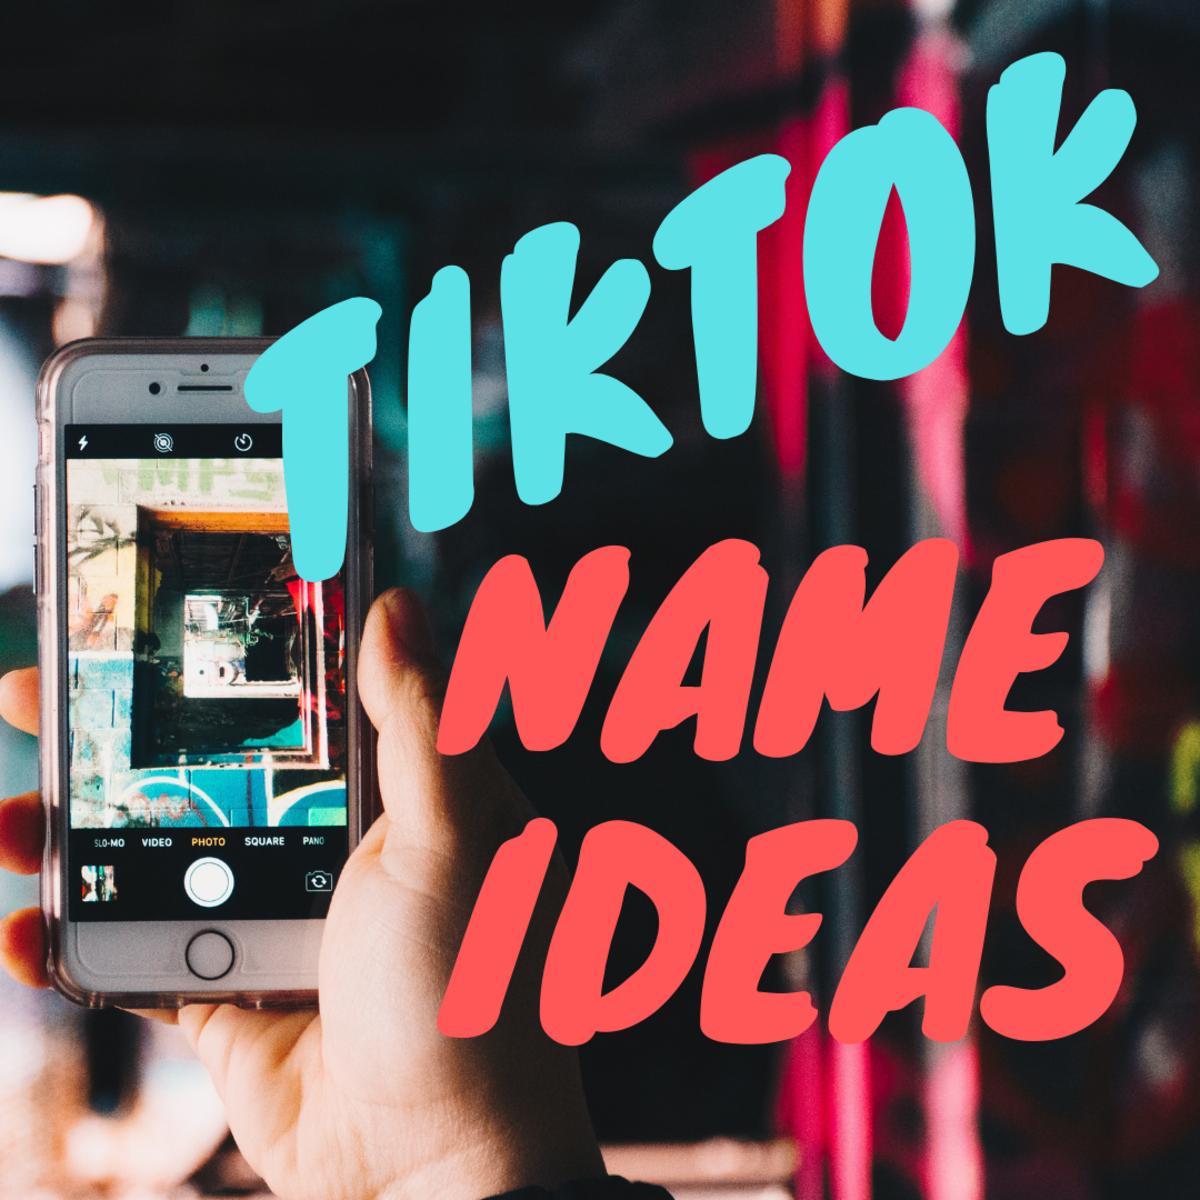 200+ TikTok Username Ideas and Name Generator